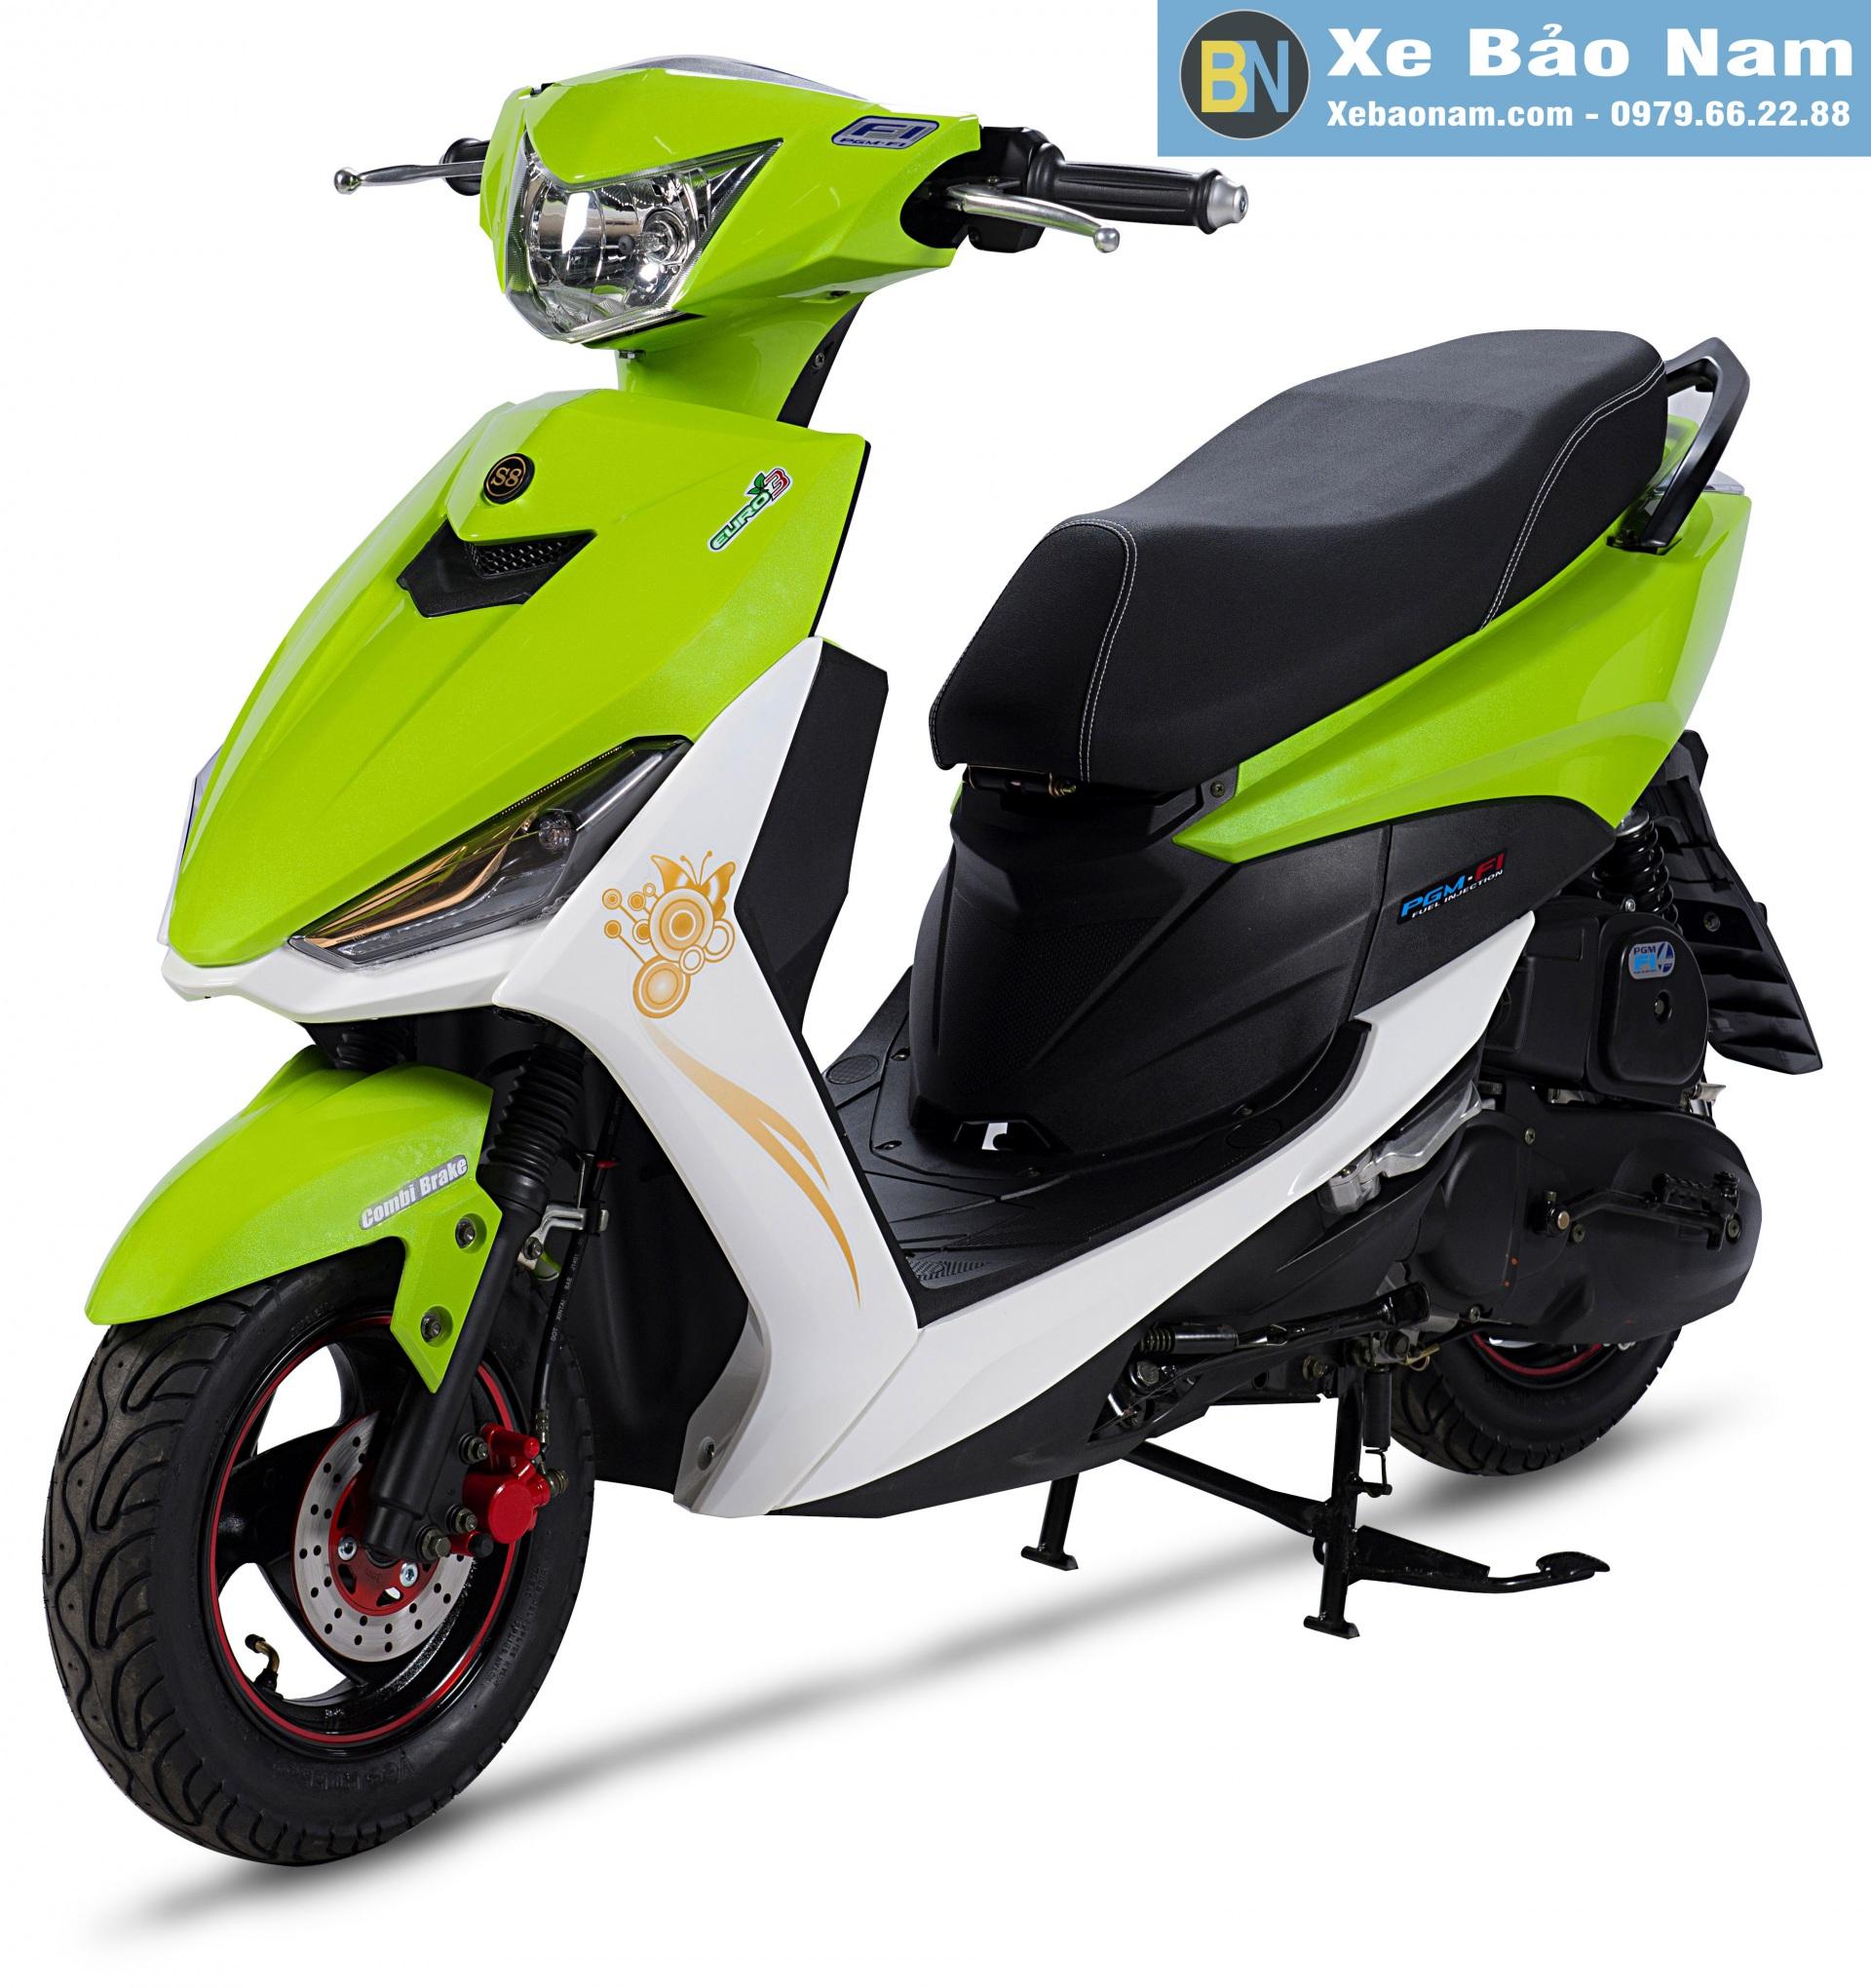 xe-ga-50cc-s8-new-city-xanh-la-cay-trang